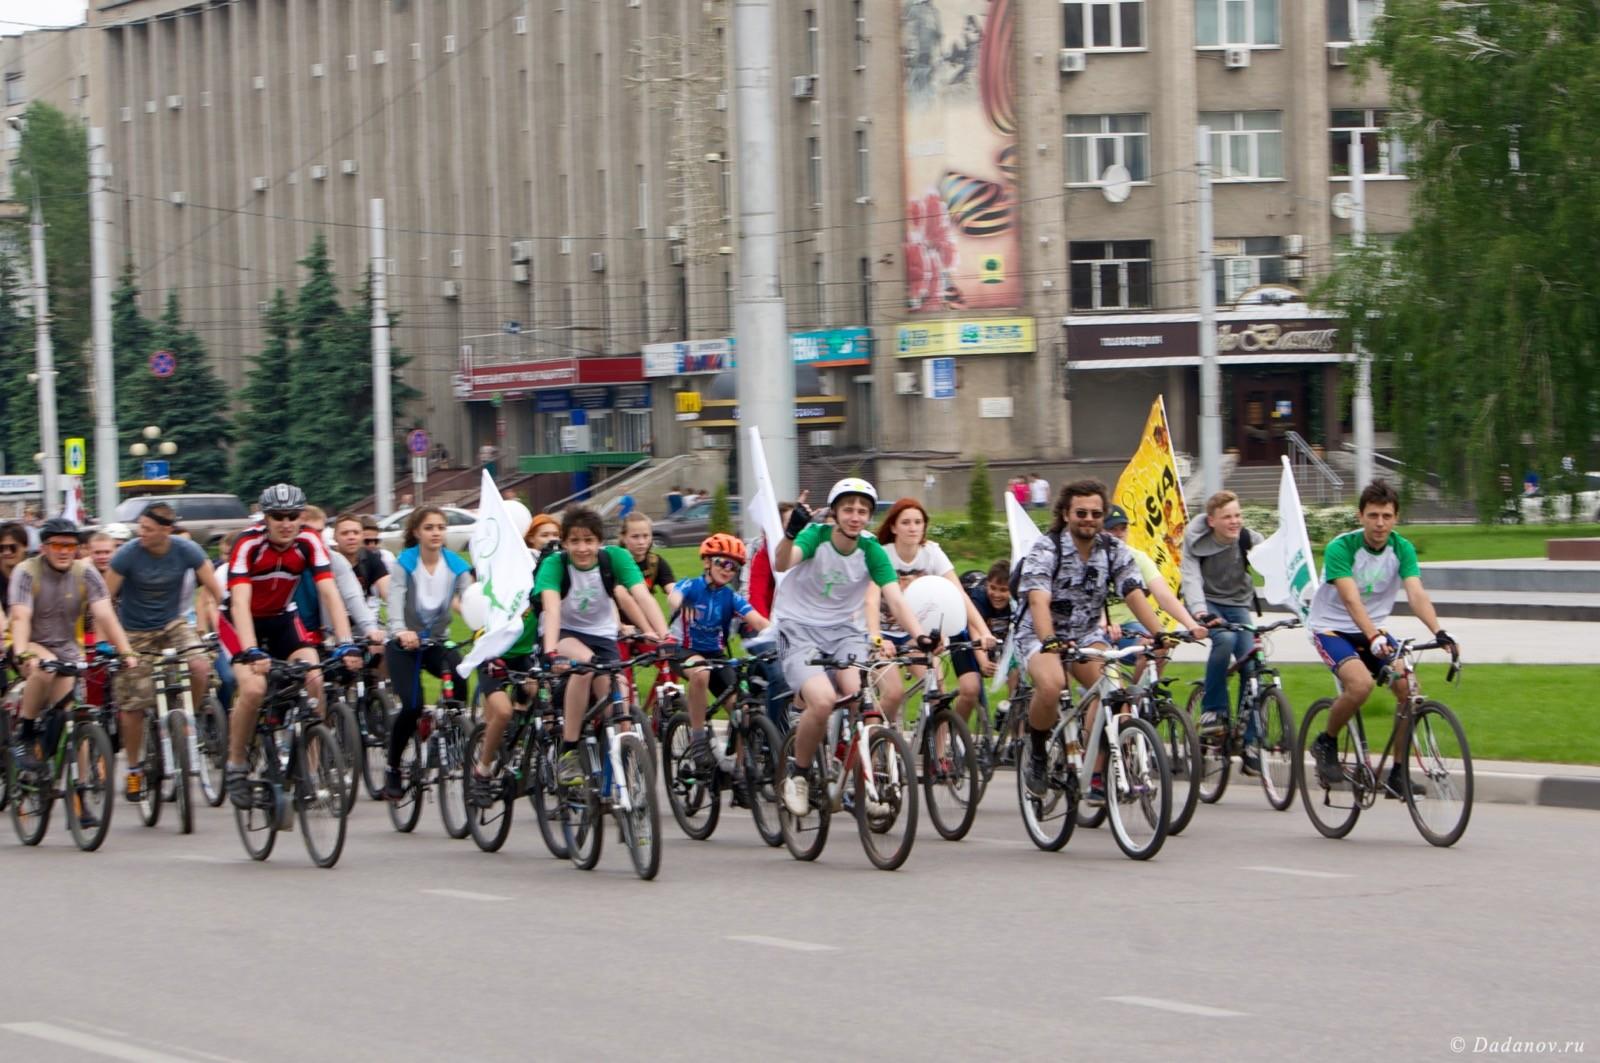 Велодень 2016 в Липецке состоялся. Фотографии с мероприятия 3001